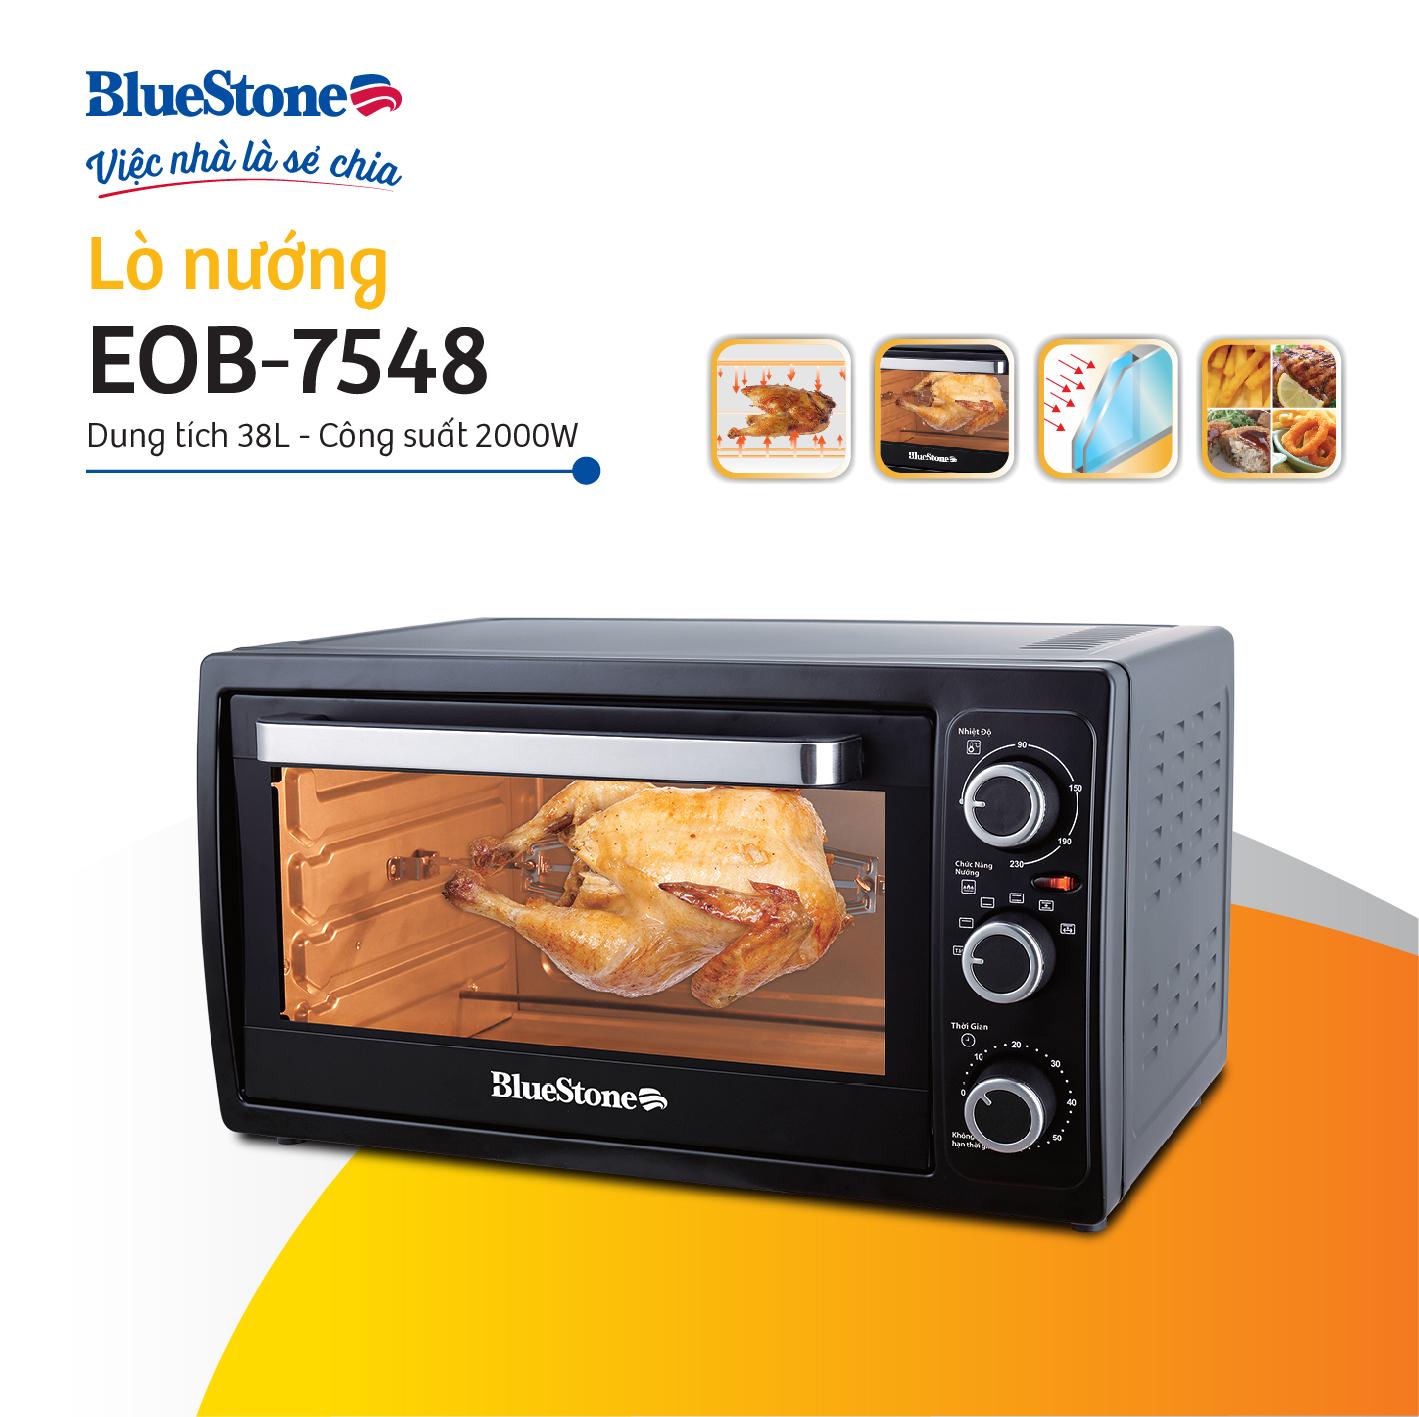 Lò Nướng Bluestone EOB-7548 (38L) - Hàng chính hãng